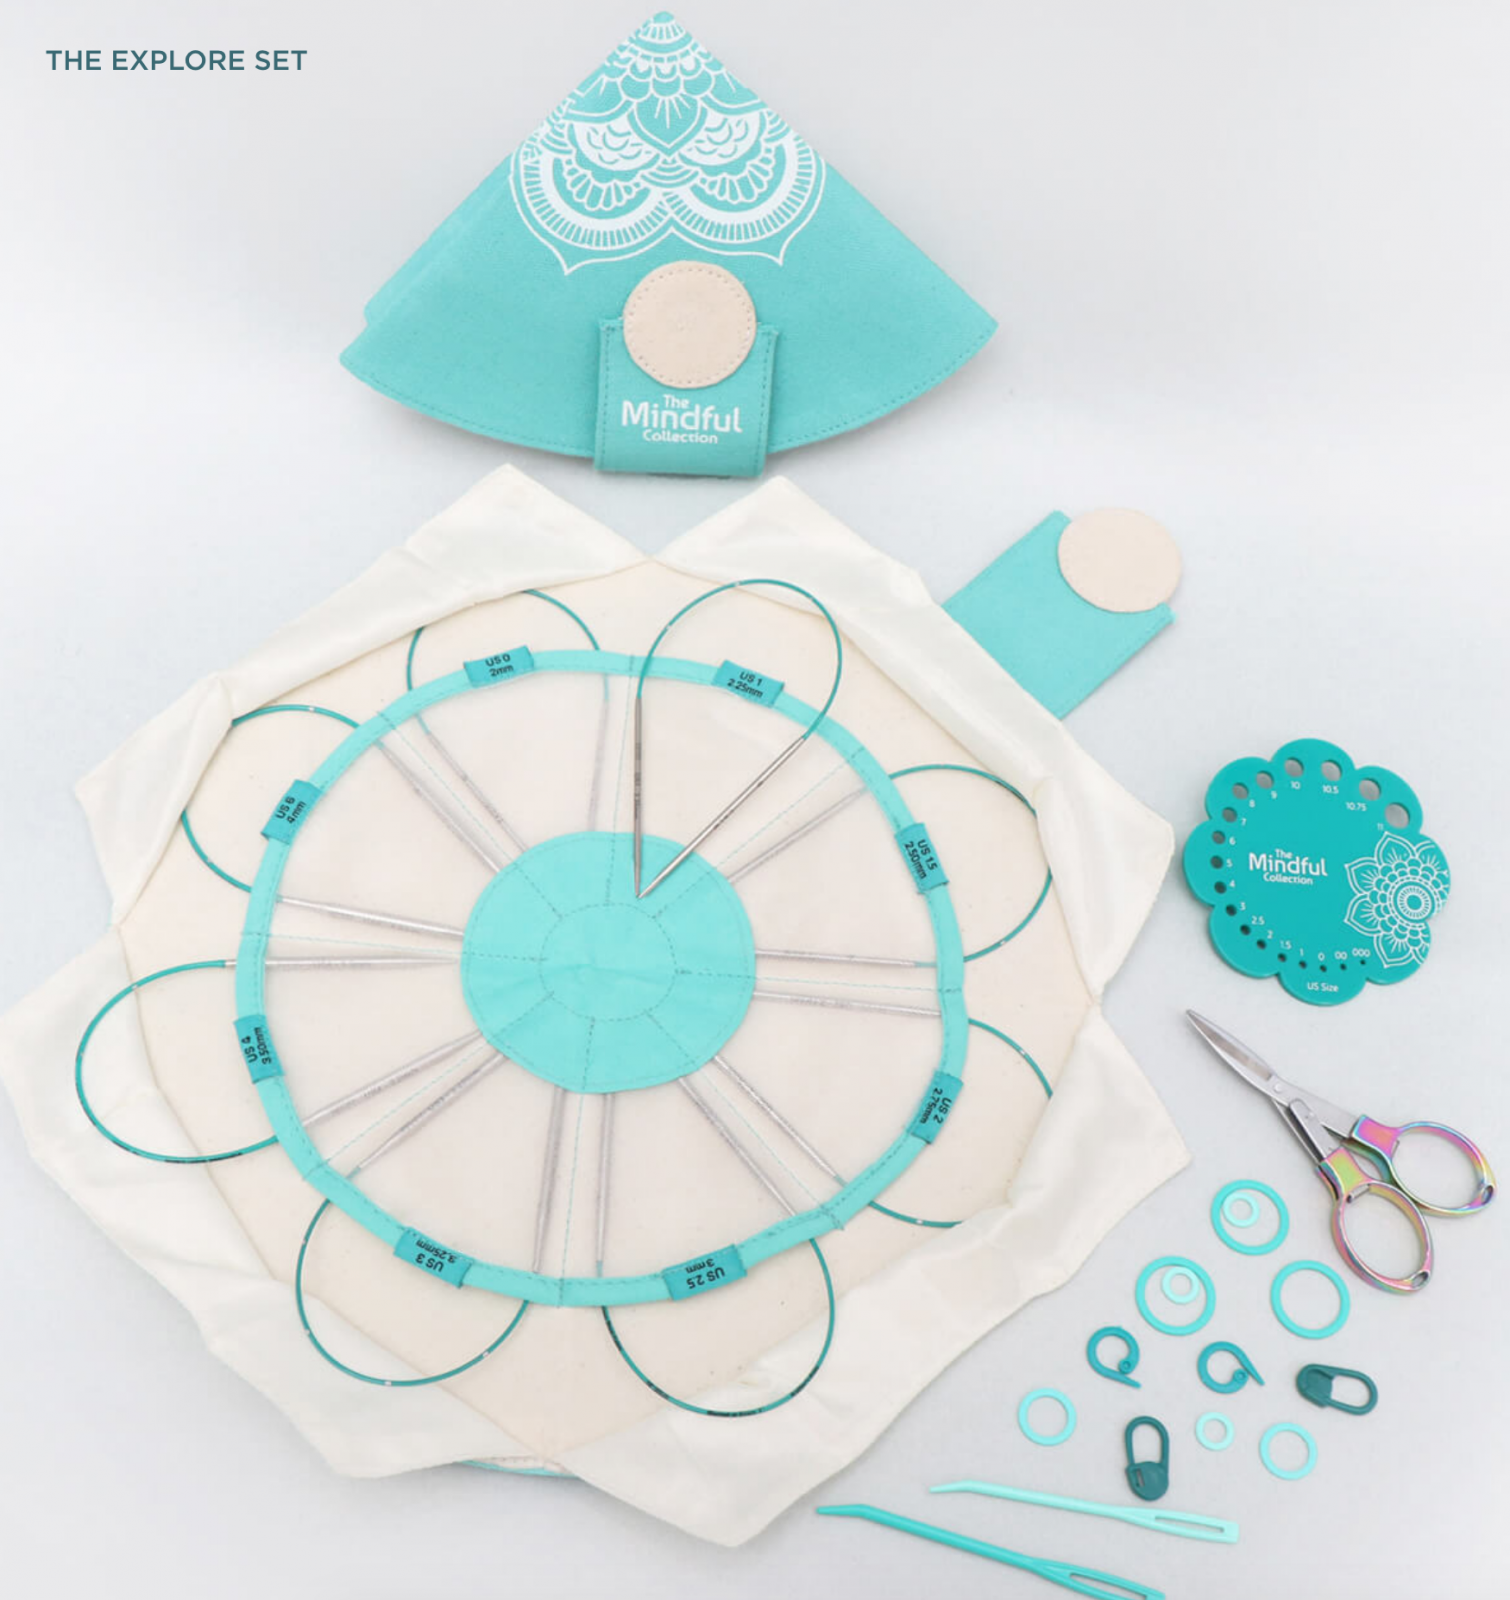 Mindful Explore 10 Circular Set